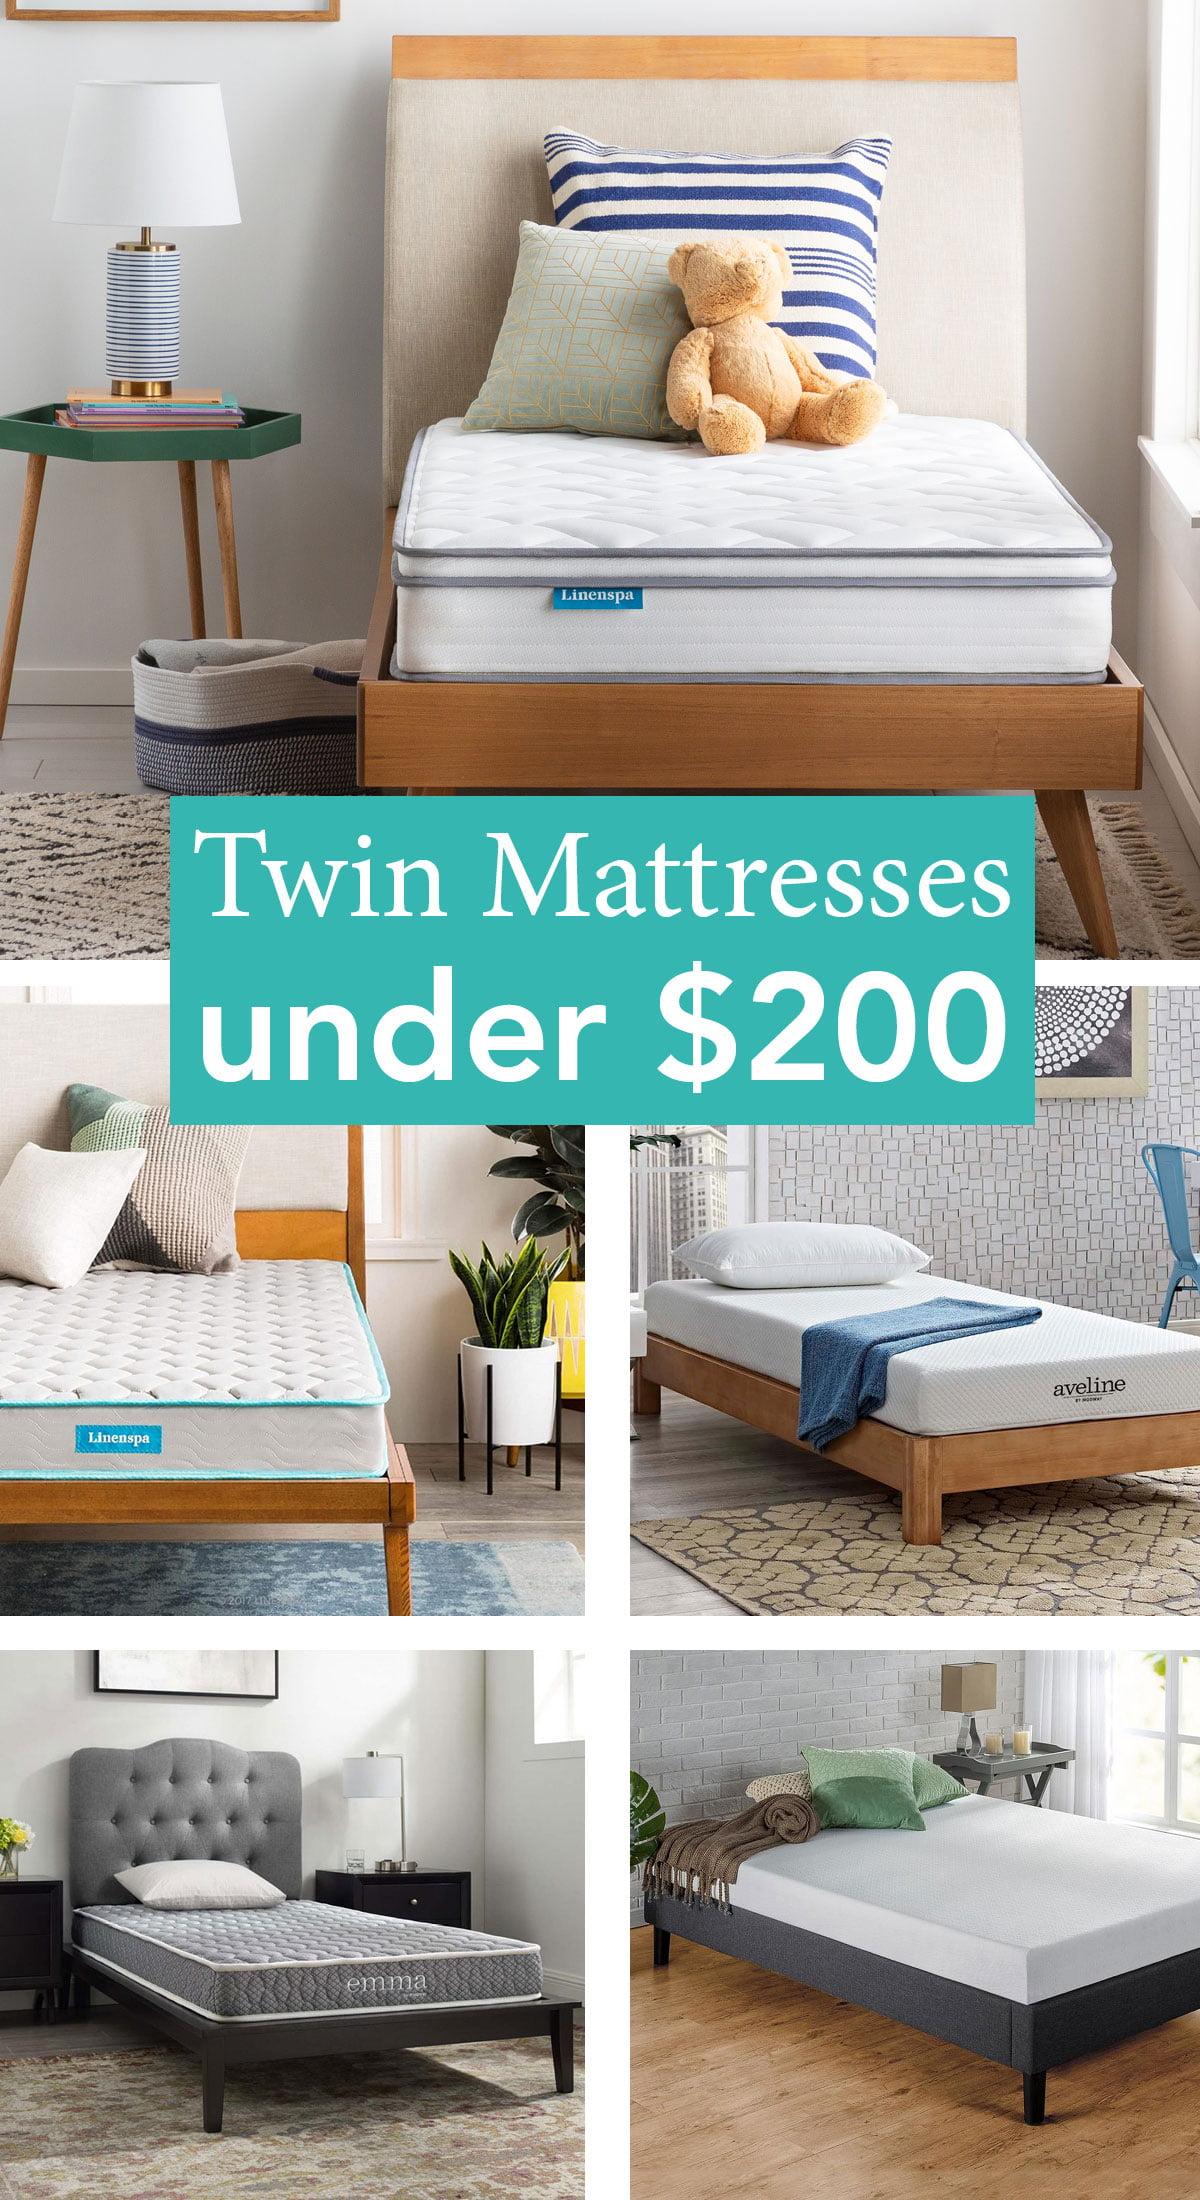 11 Twin Mattresses under $200